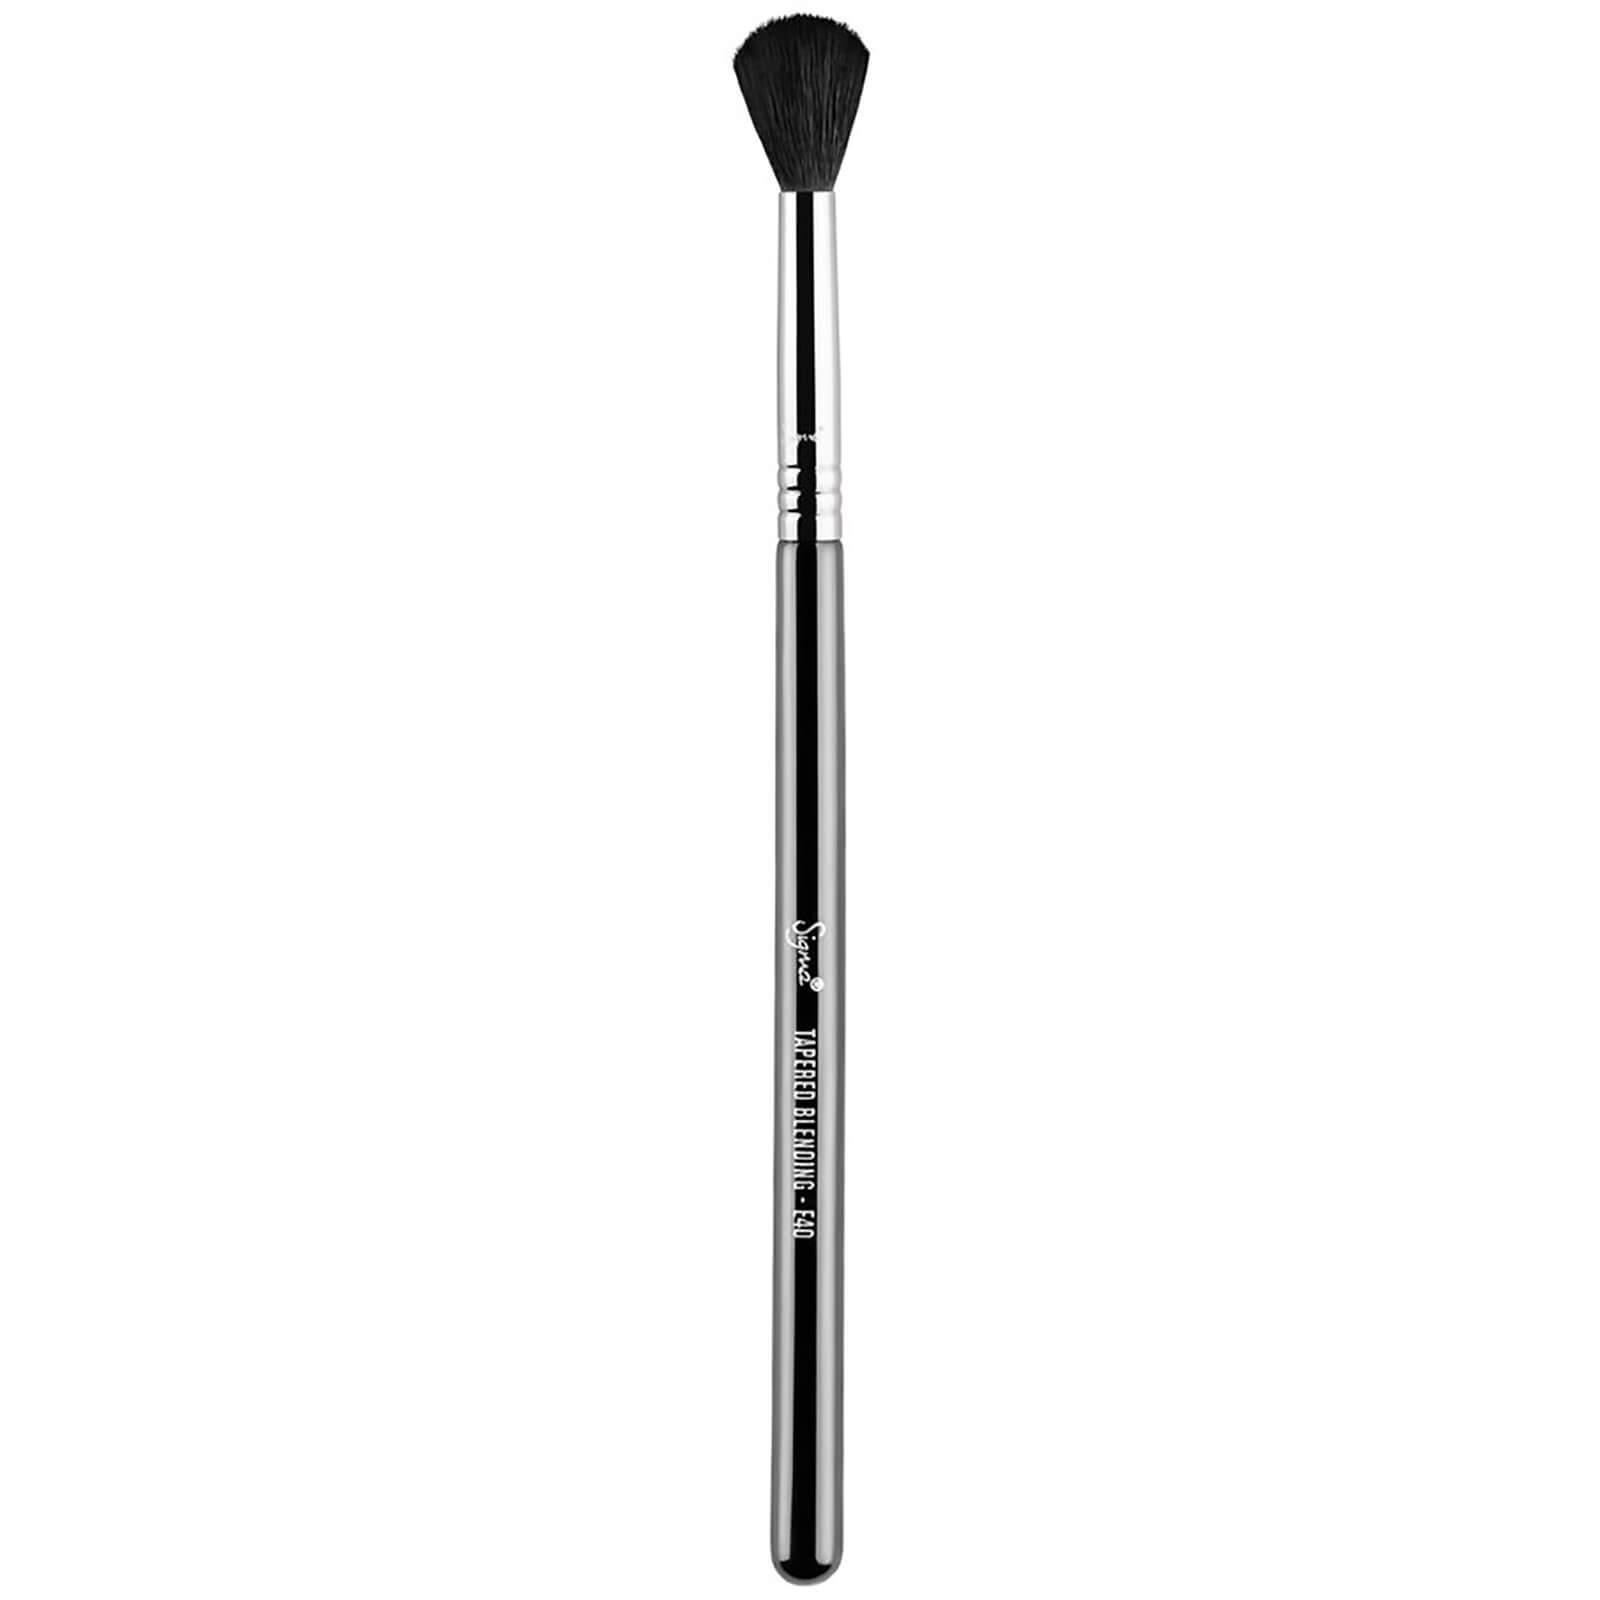 Купить Коническая кисть для растушевки теней Sigma E40 Tapered Blending Brush